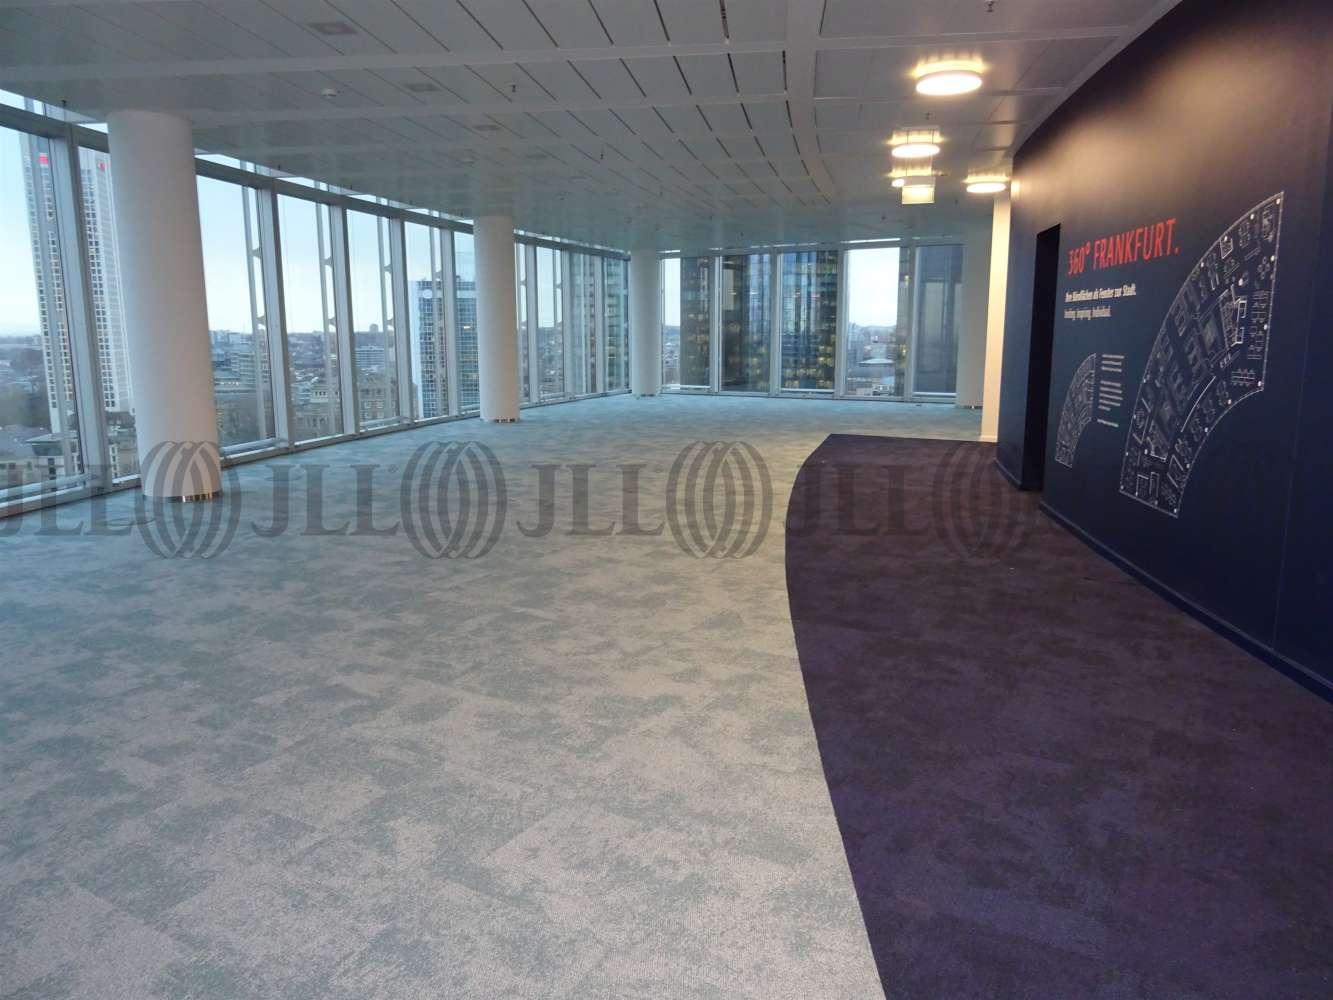 Büros Frankfurt am main, 60329 - Büro - Frankfurt am Main, Innenstadt - F0983 - 10873404